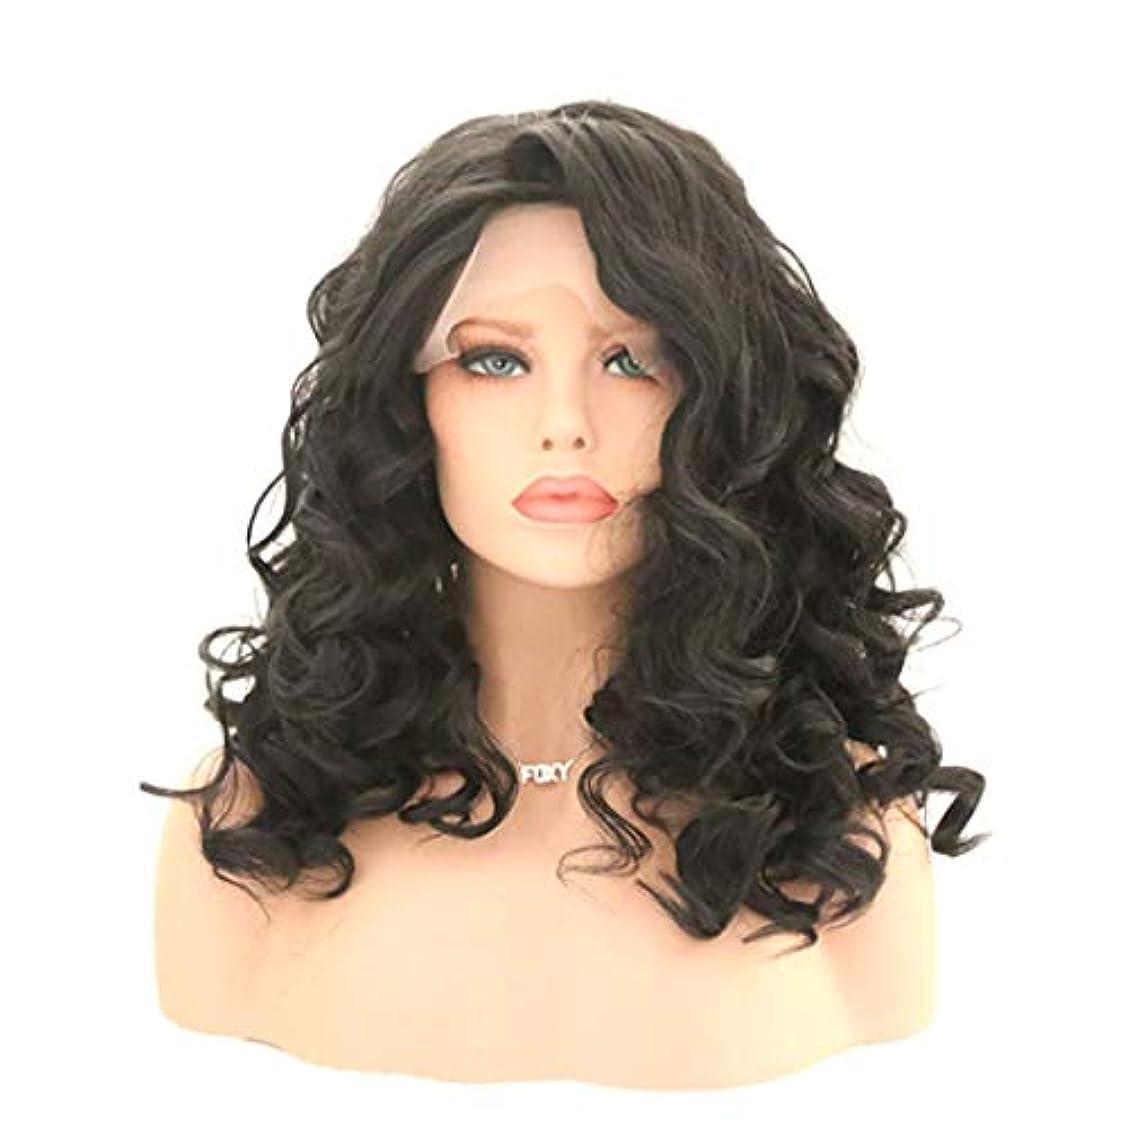 凍る混合した均等にSummerys 女性のためのカーリー波状かつら前髪付きかつら人工毛髪かつら自然なかつら (Size : 16 inches)